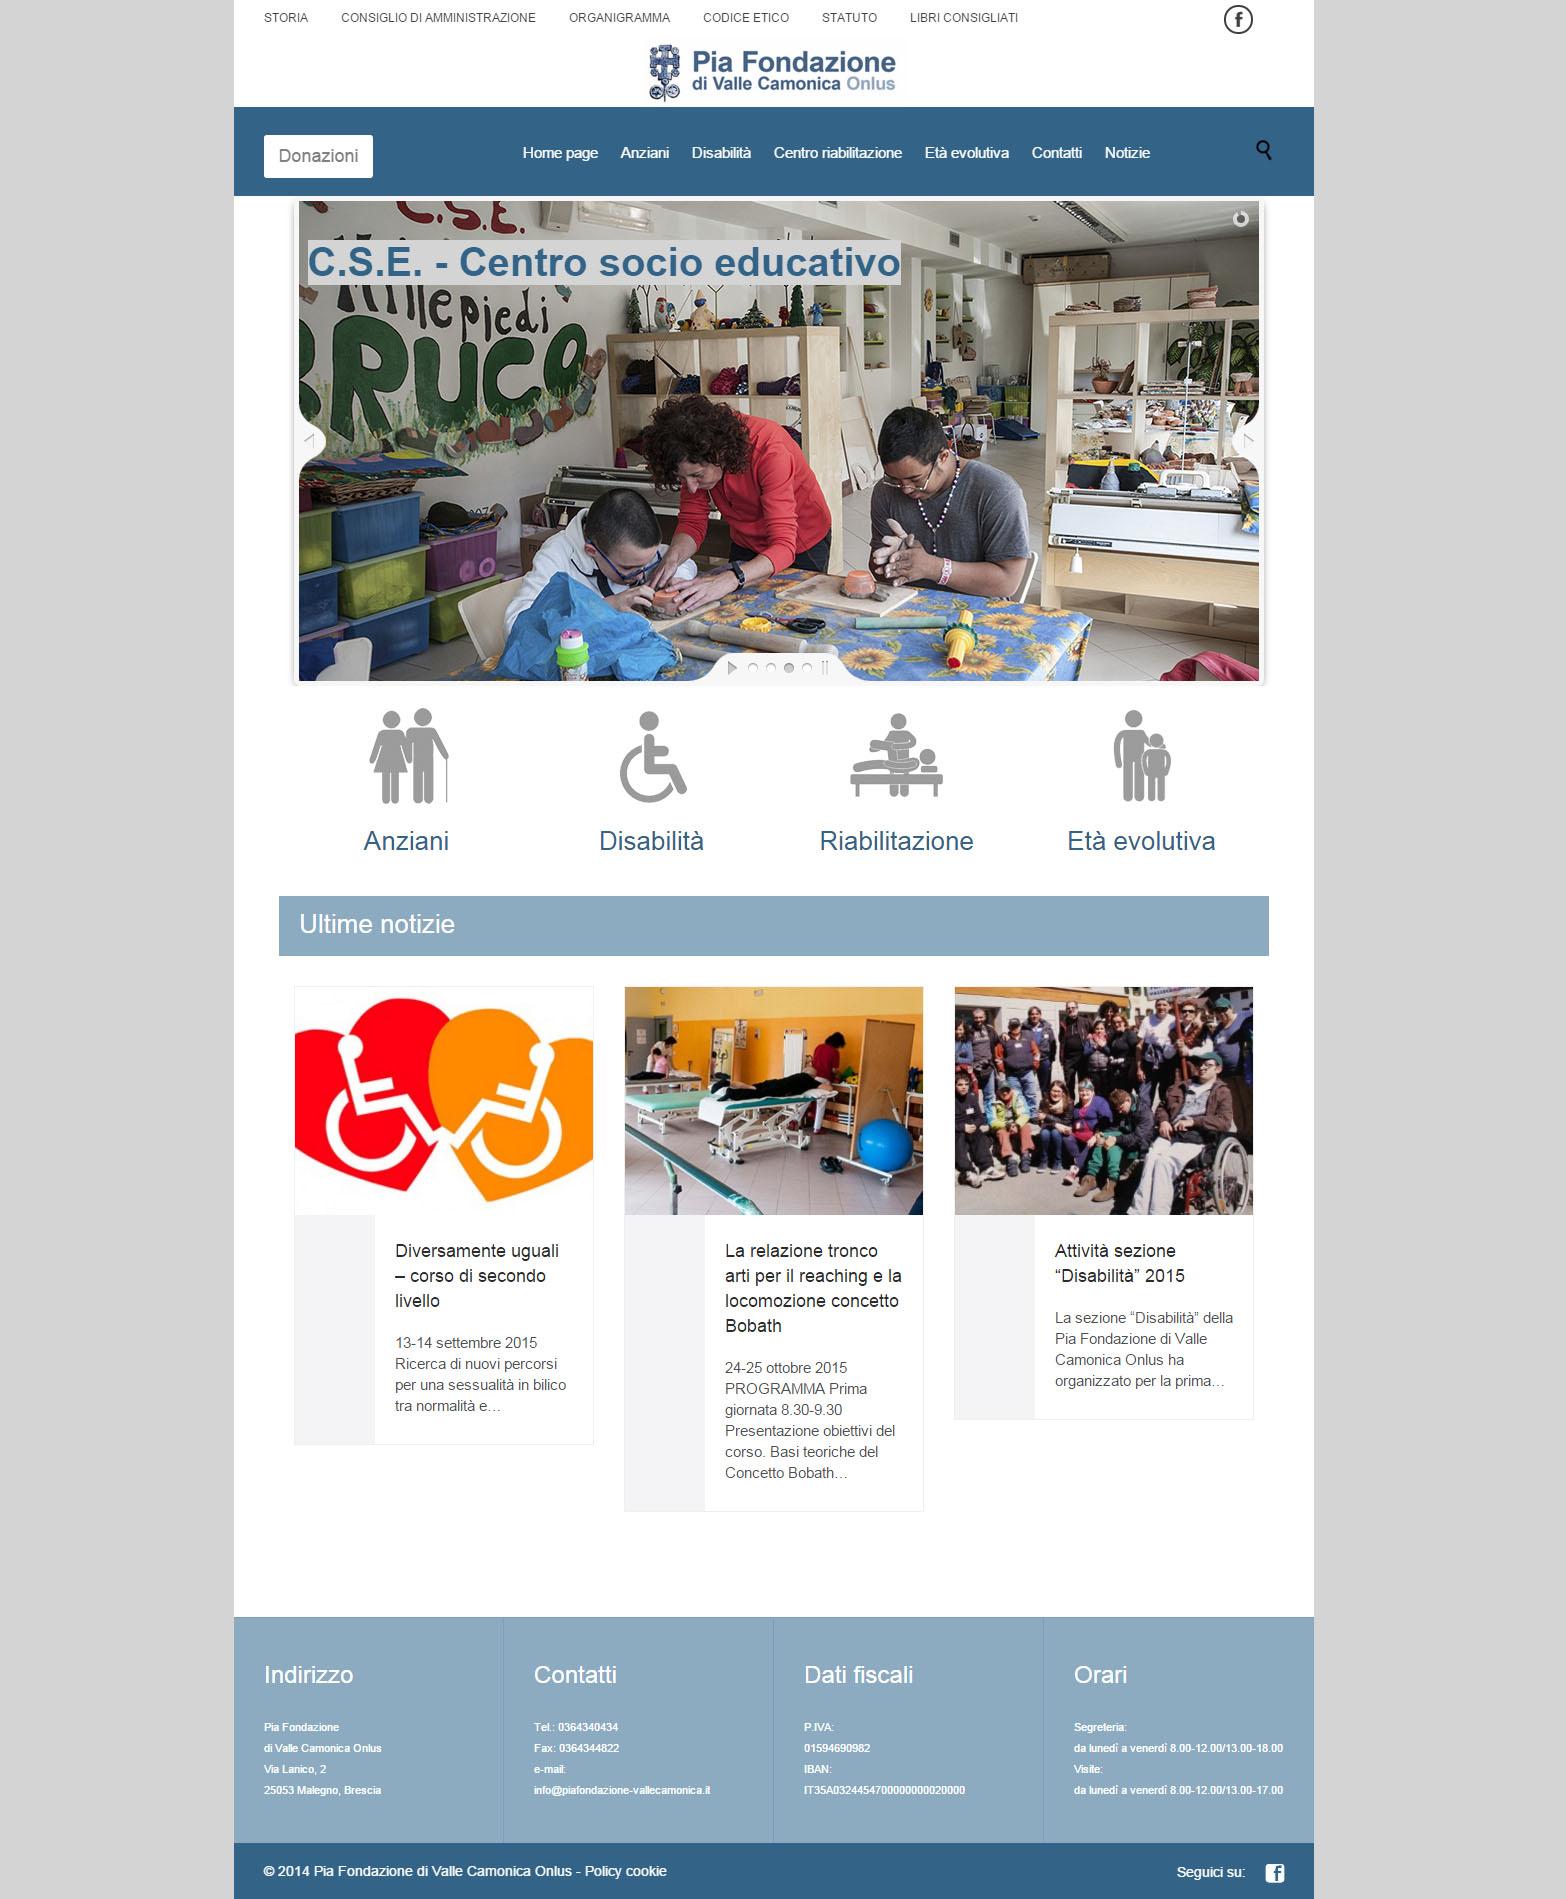 siti-internet-seo-newsletter-social-network-pia-fondazione-di-valle-camonica-onlus-contessi-fostinelli